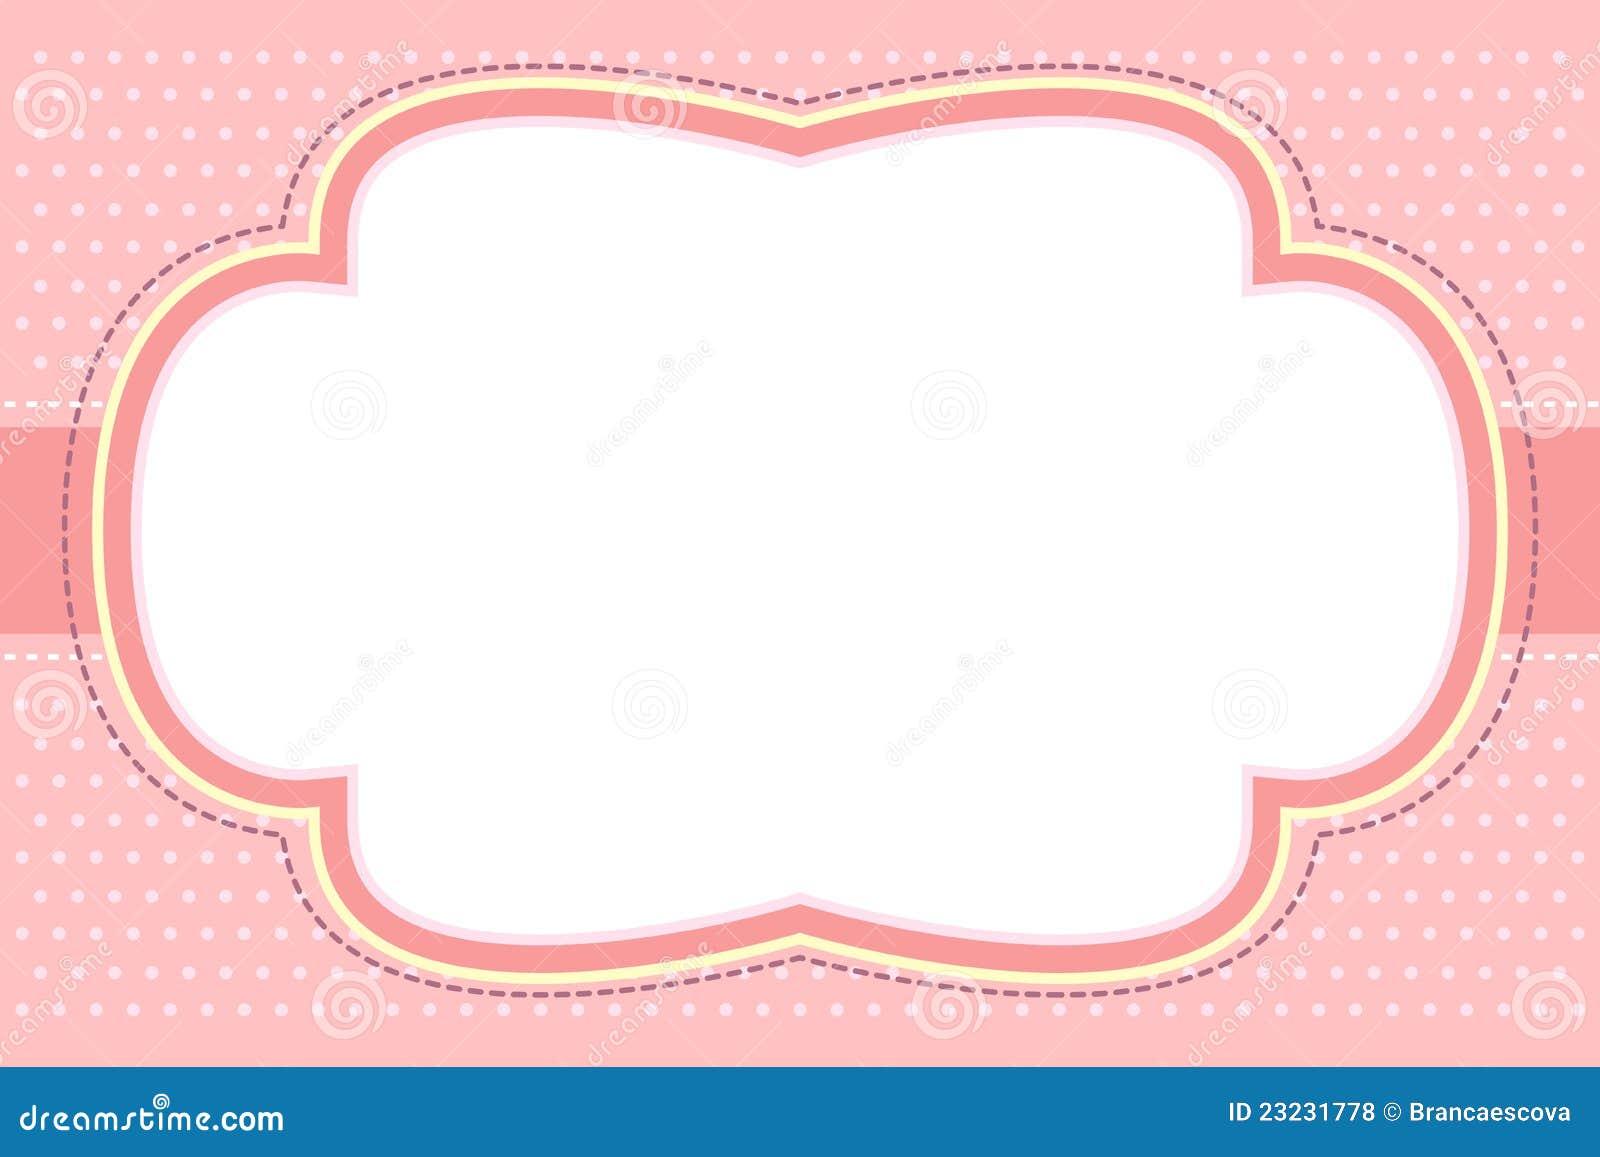 泡影框架华丽粉红色